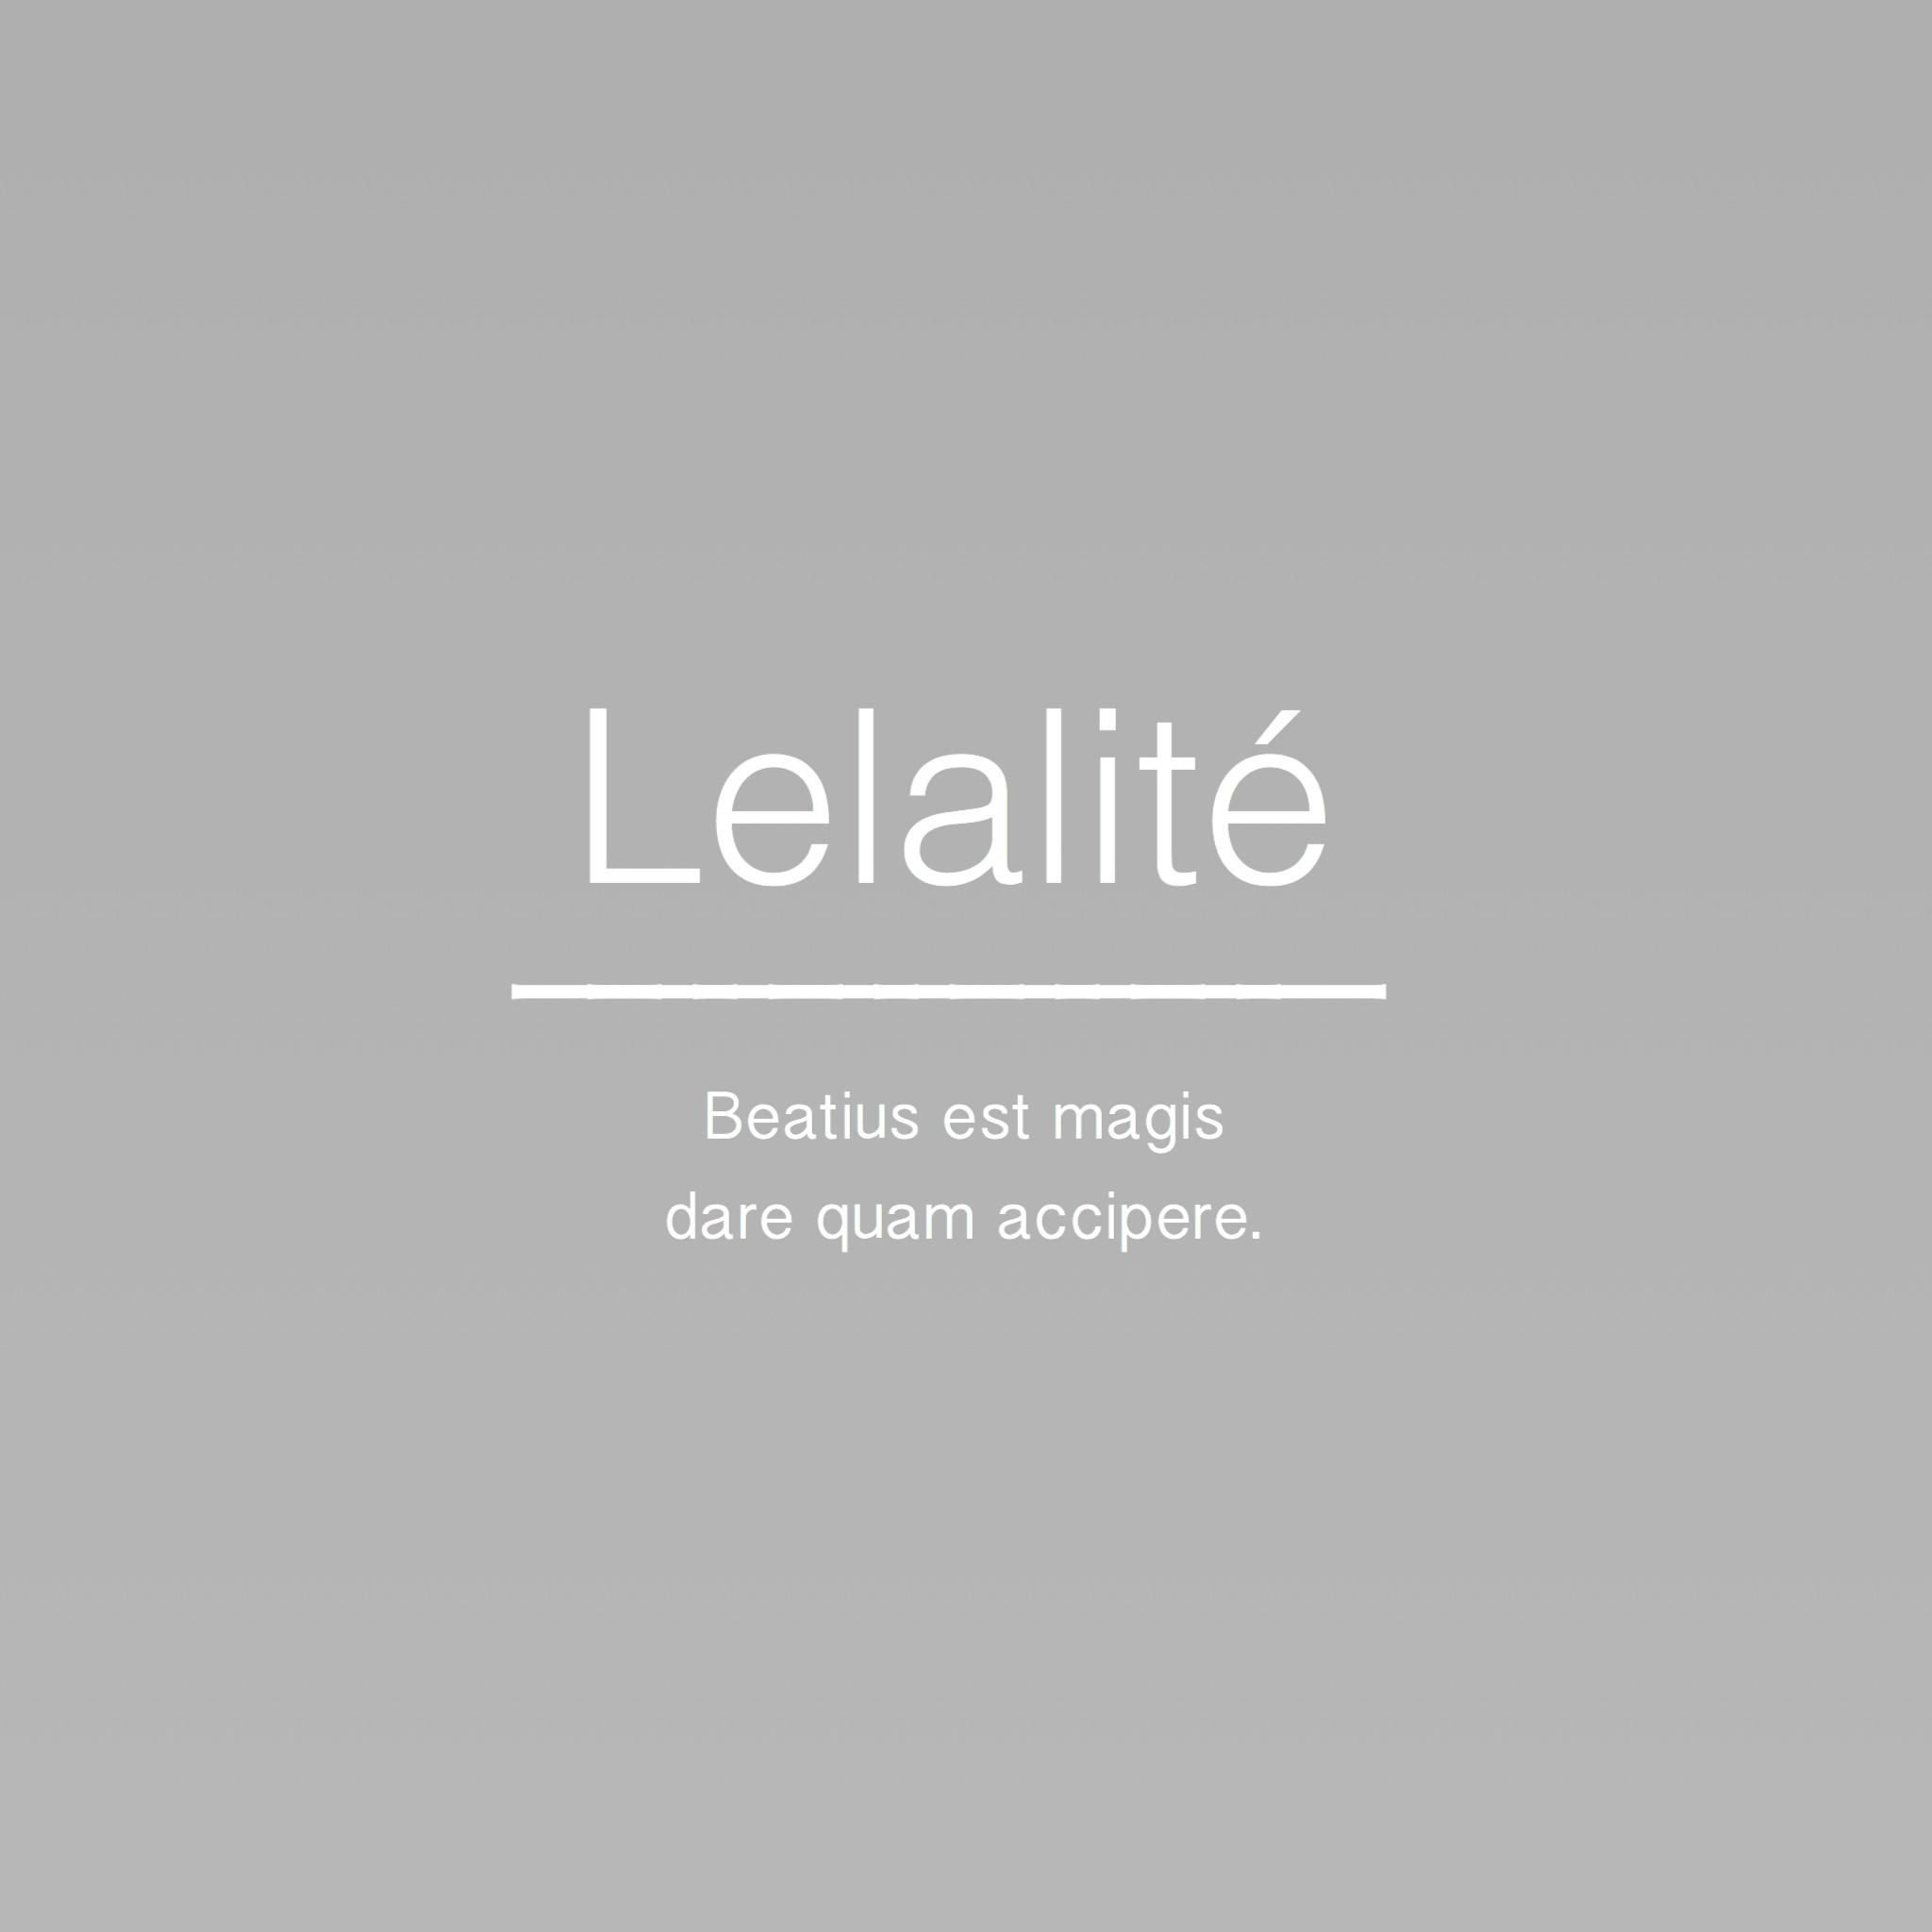 Lelalité